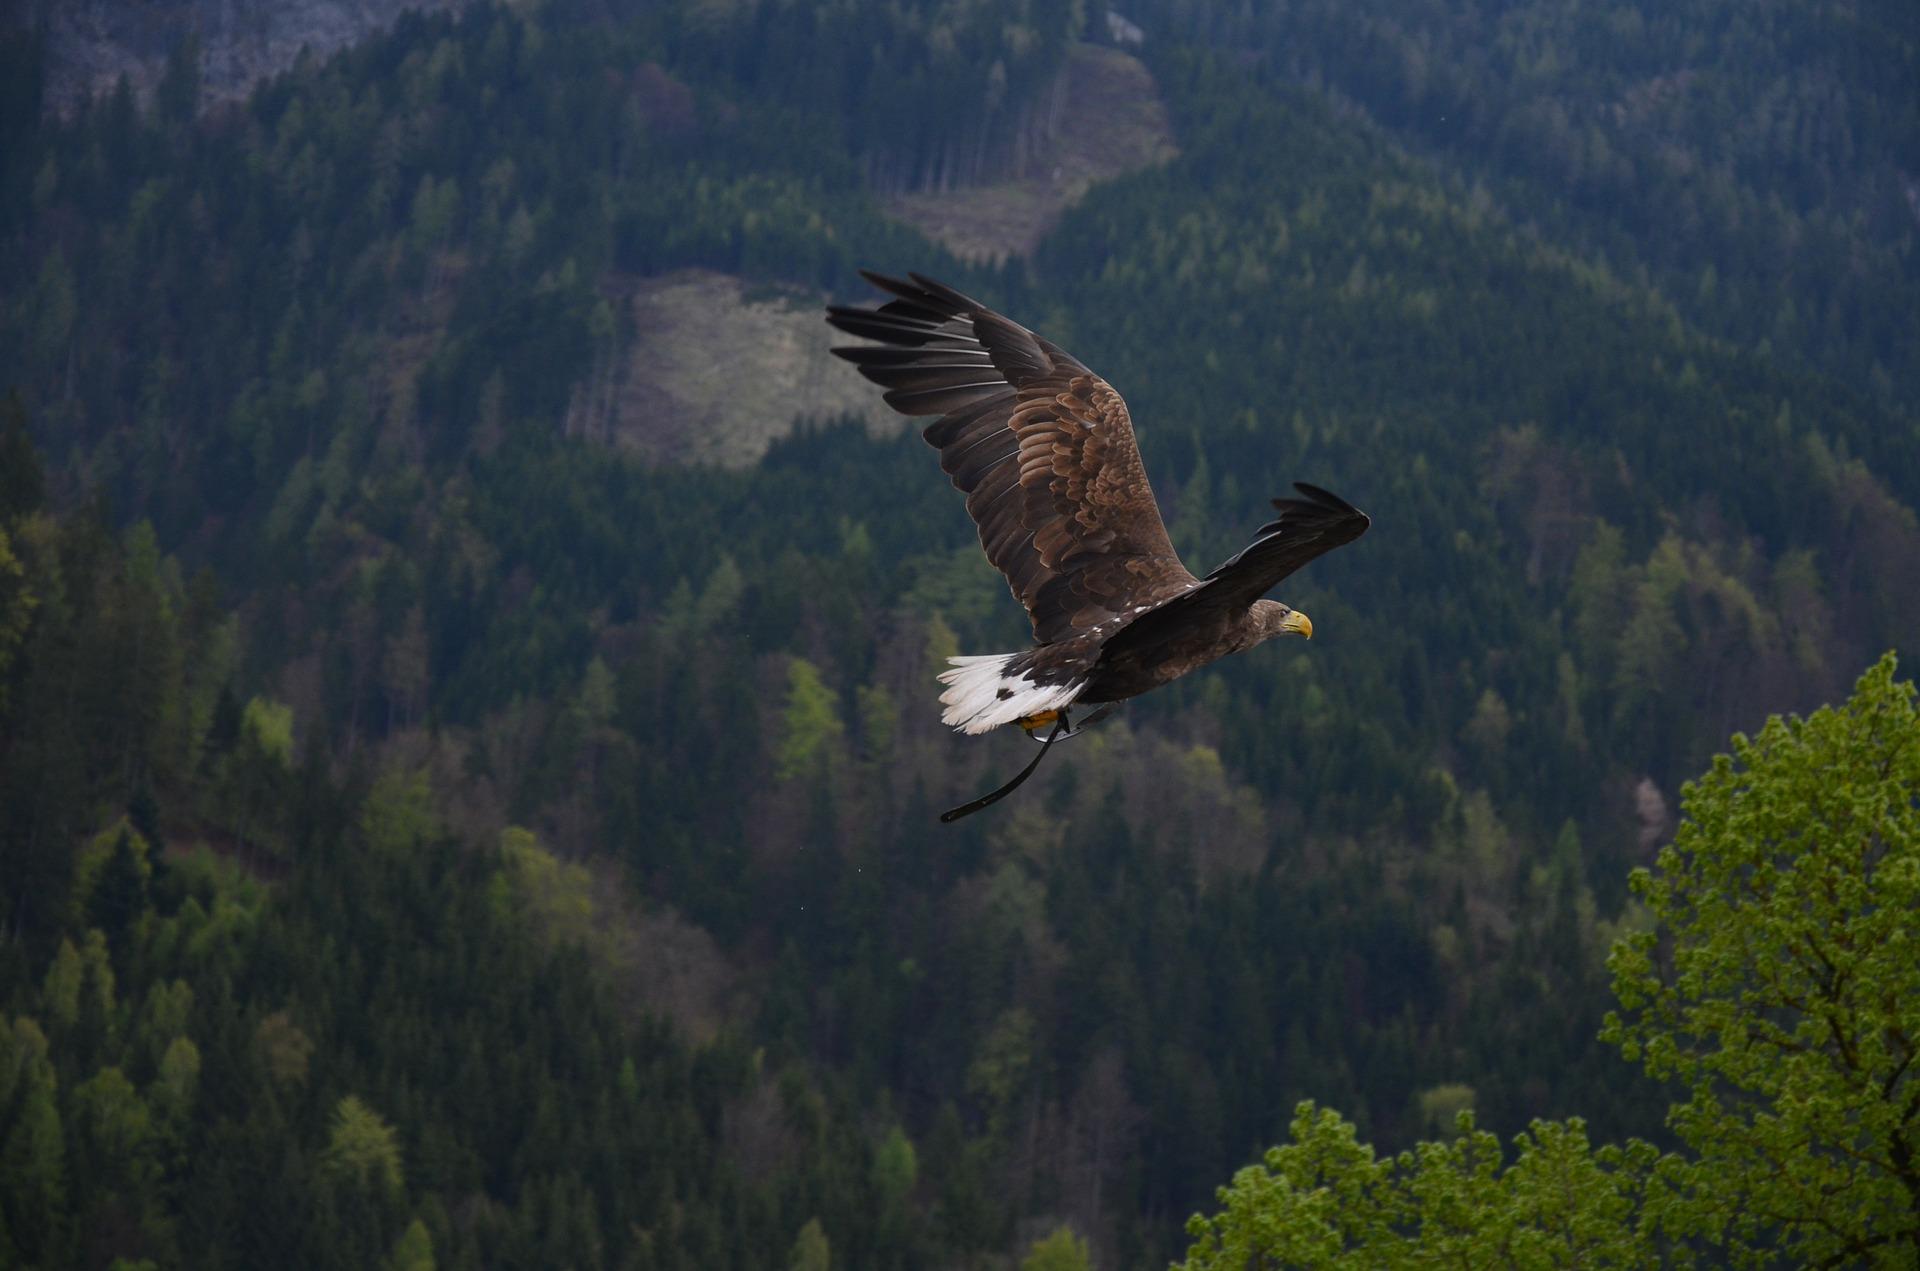 Adlerperspektive - Adler kreist über Mittelgebirgswald